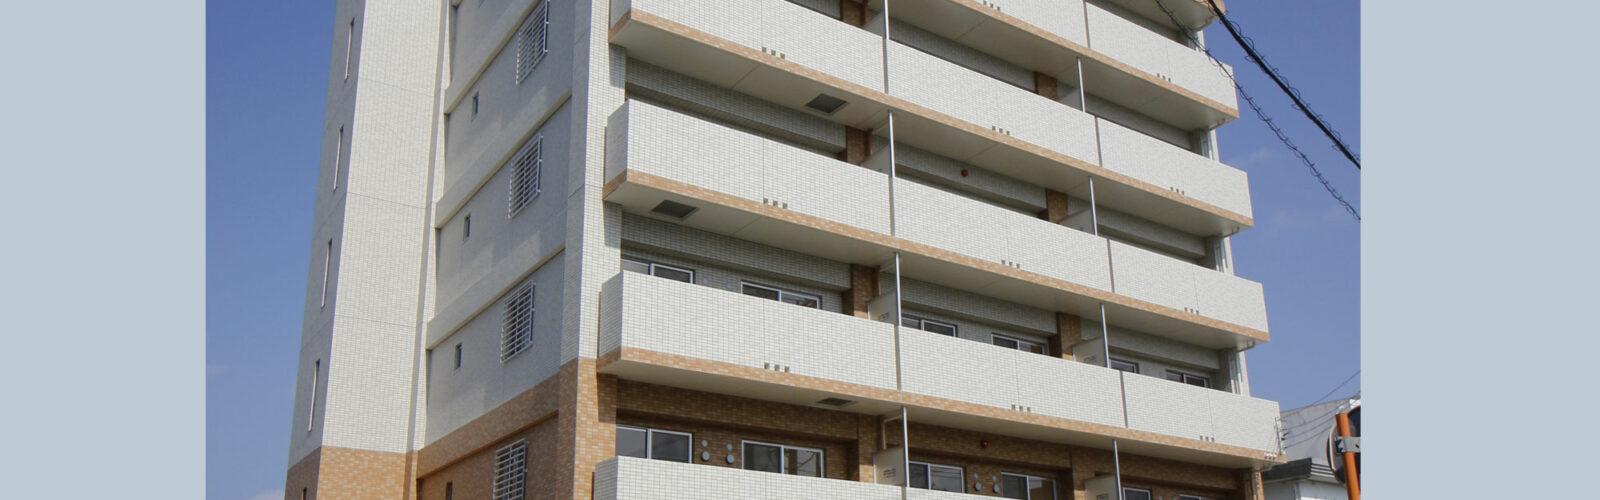 敷地いっぱいの難しい配置計画をクリアし 全戸収納たっぷりのゆったり1LDKマンションに!